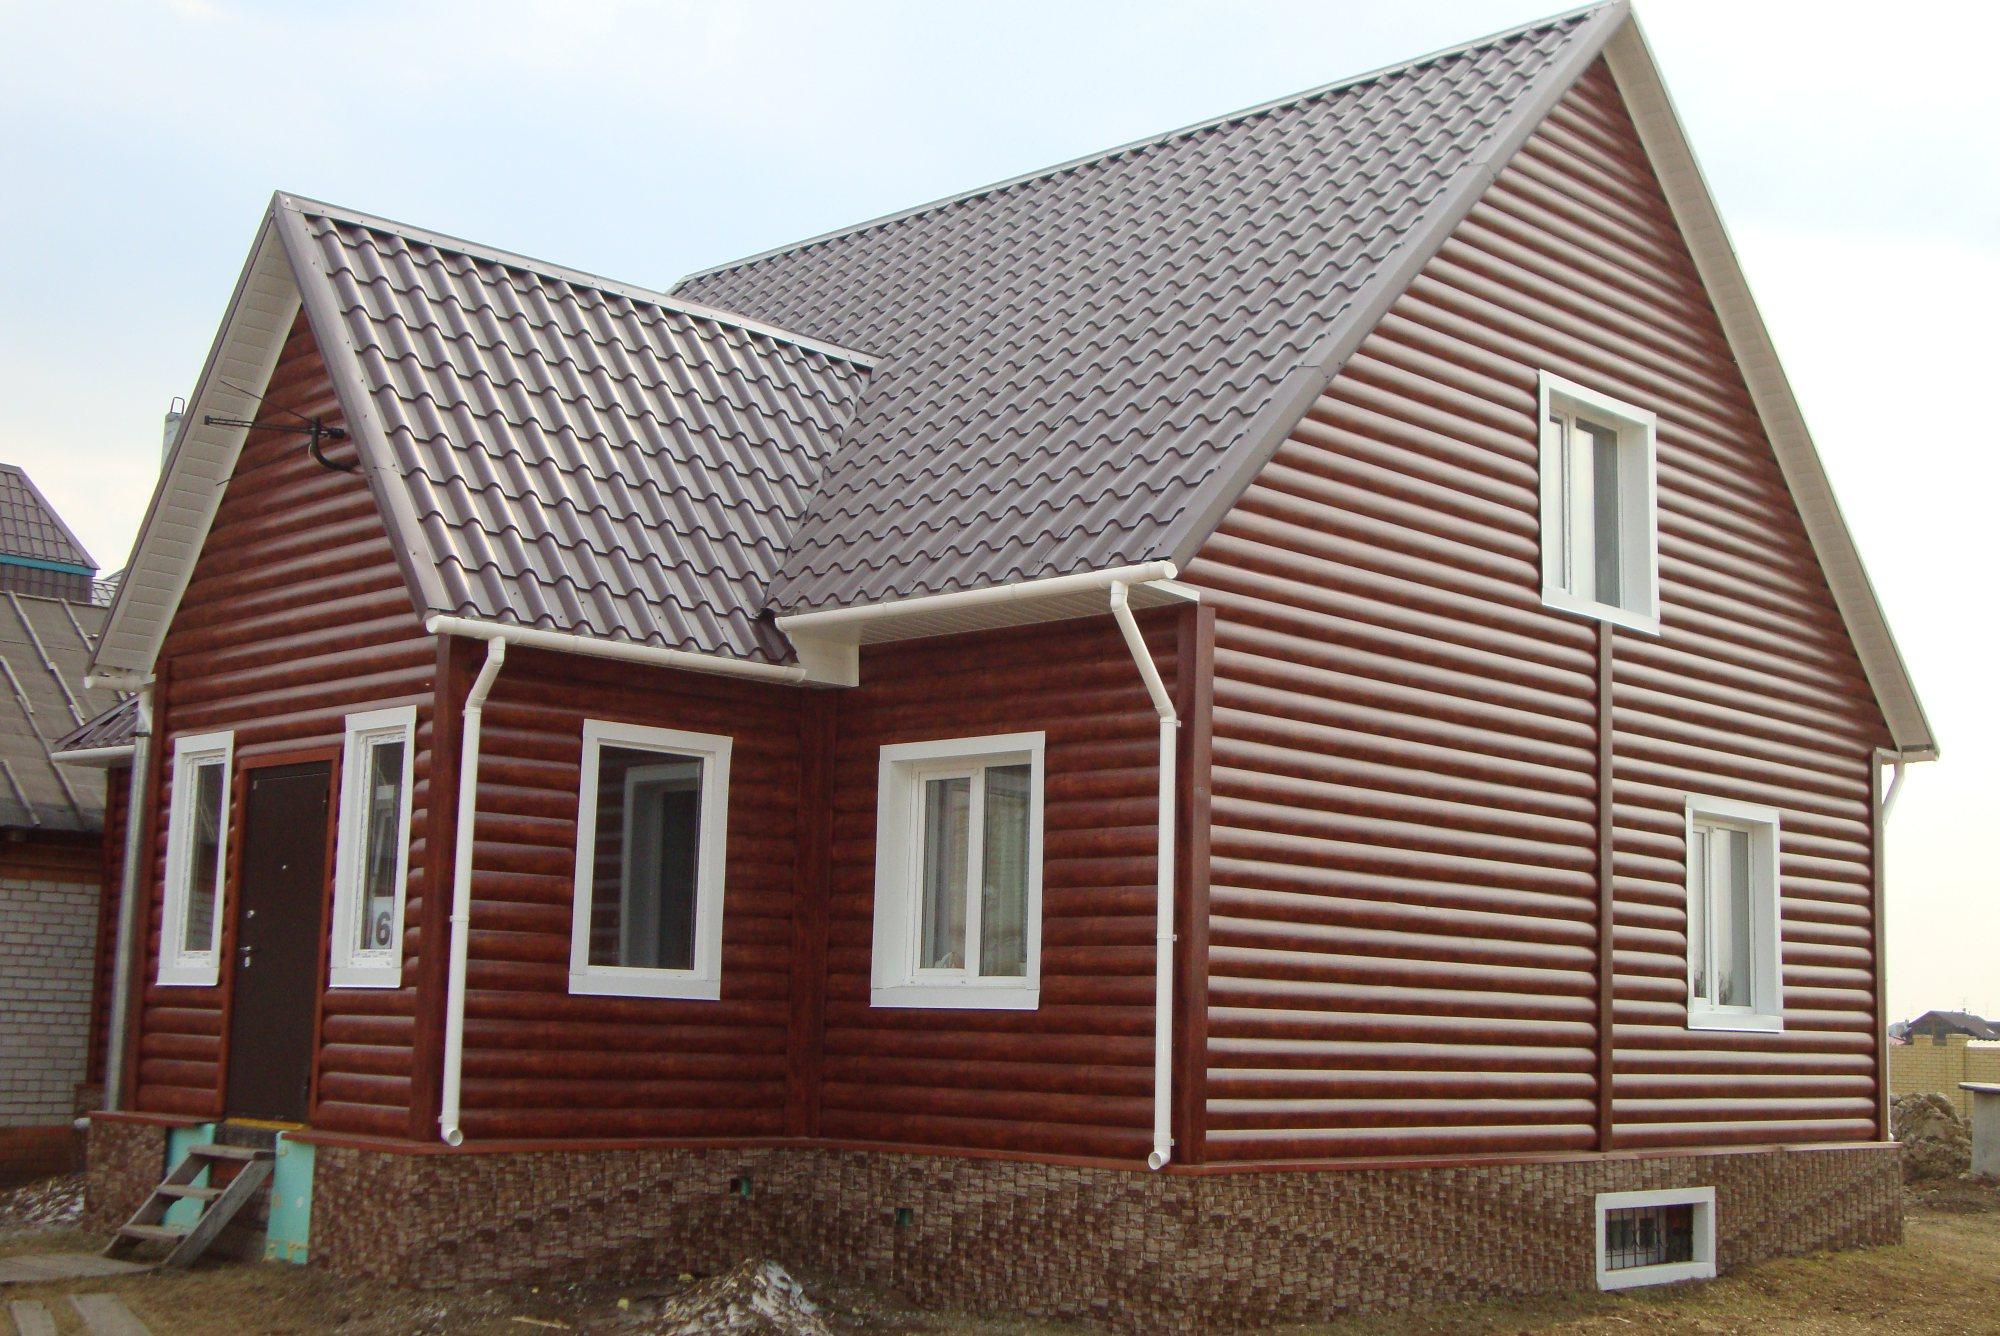 Warna Tepi Untuk Dinding Rumah 57 Gambar Contoh Putih Dan Coklat Kuning Dan Merah Kuning Dan Hijau Contoh Kombinasi Yang Indah